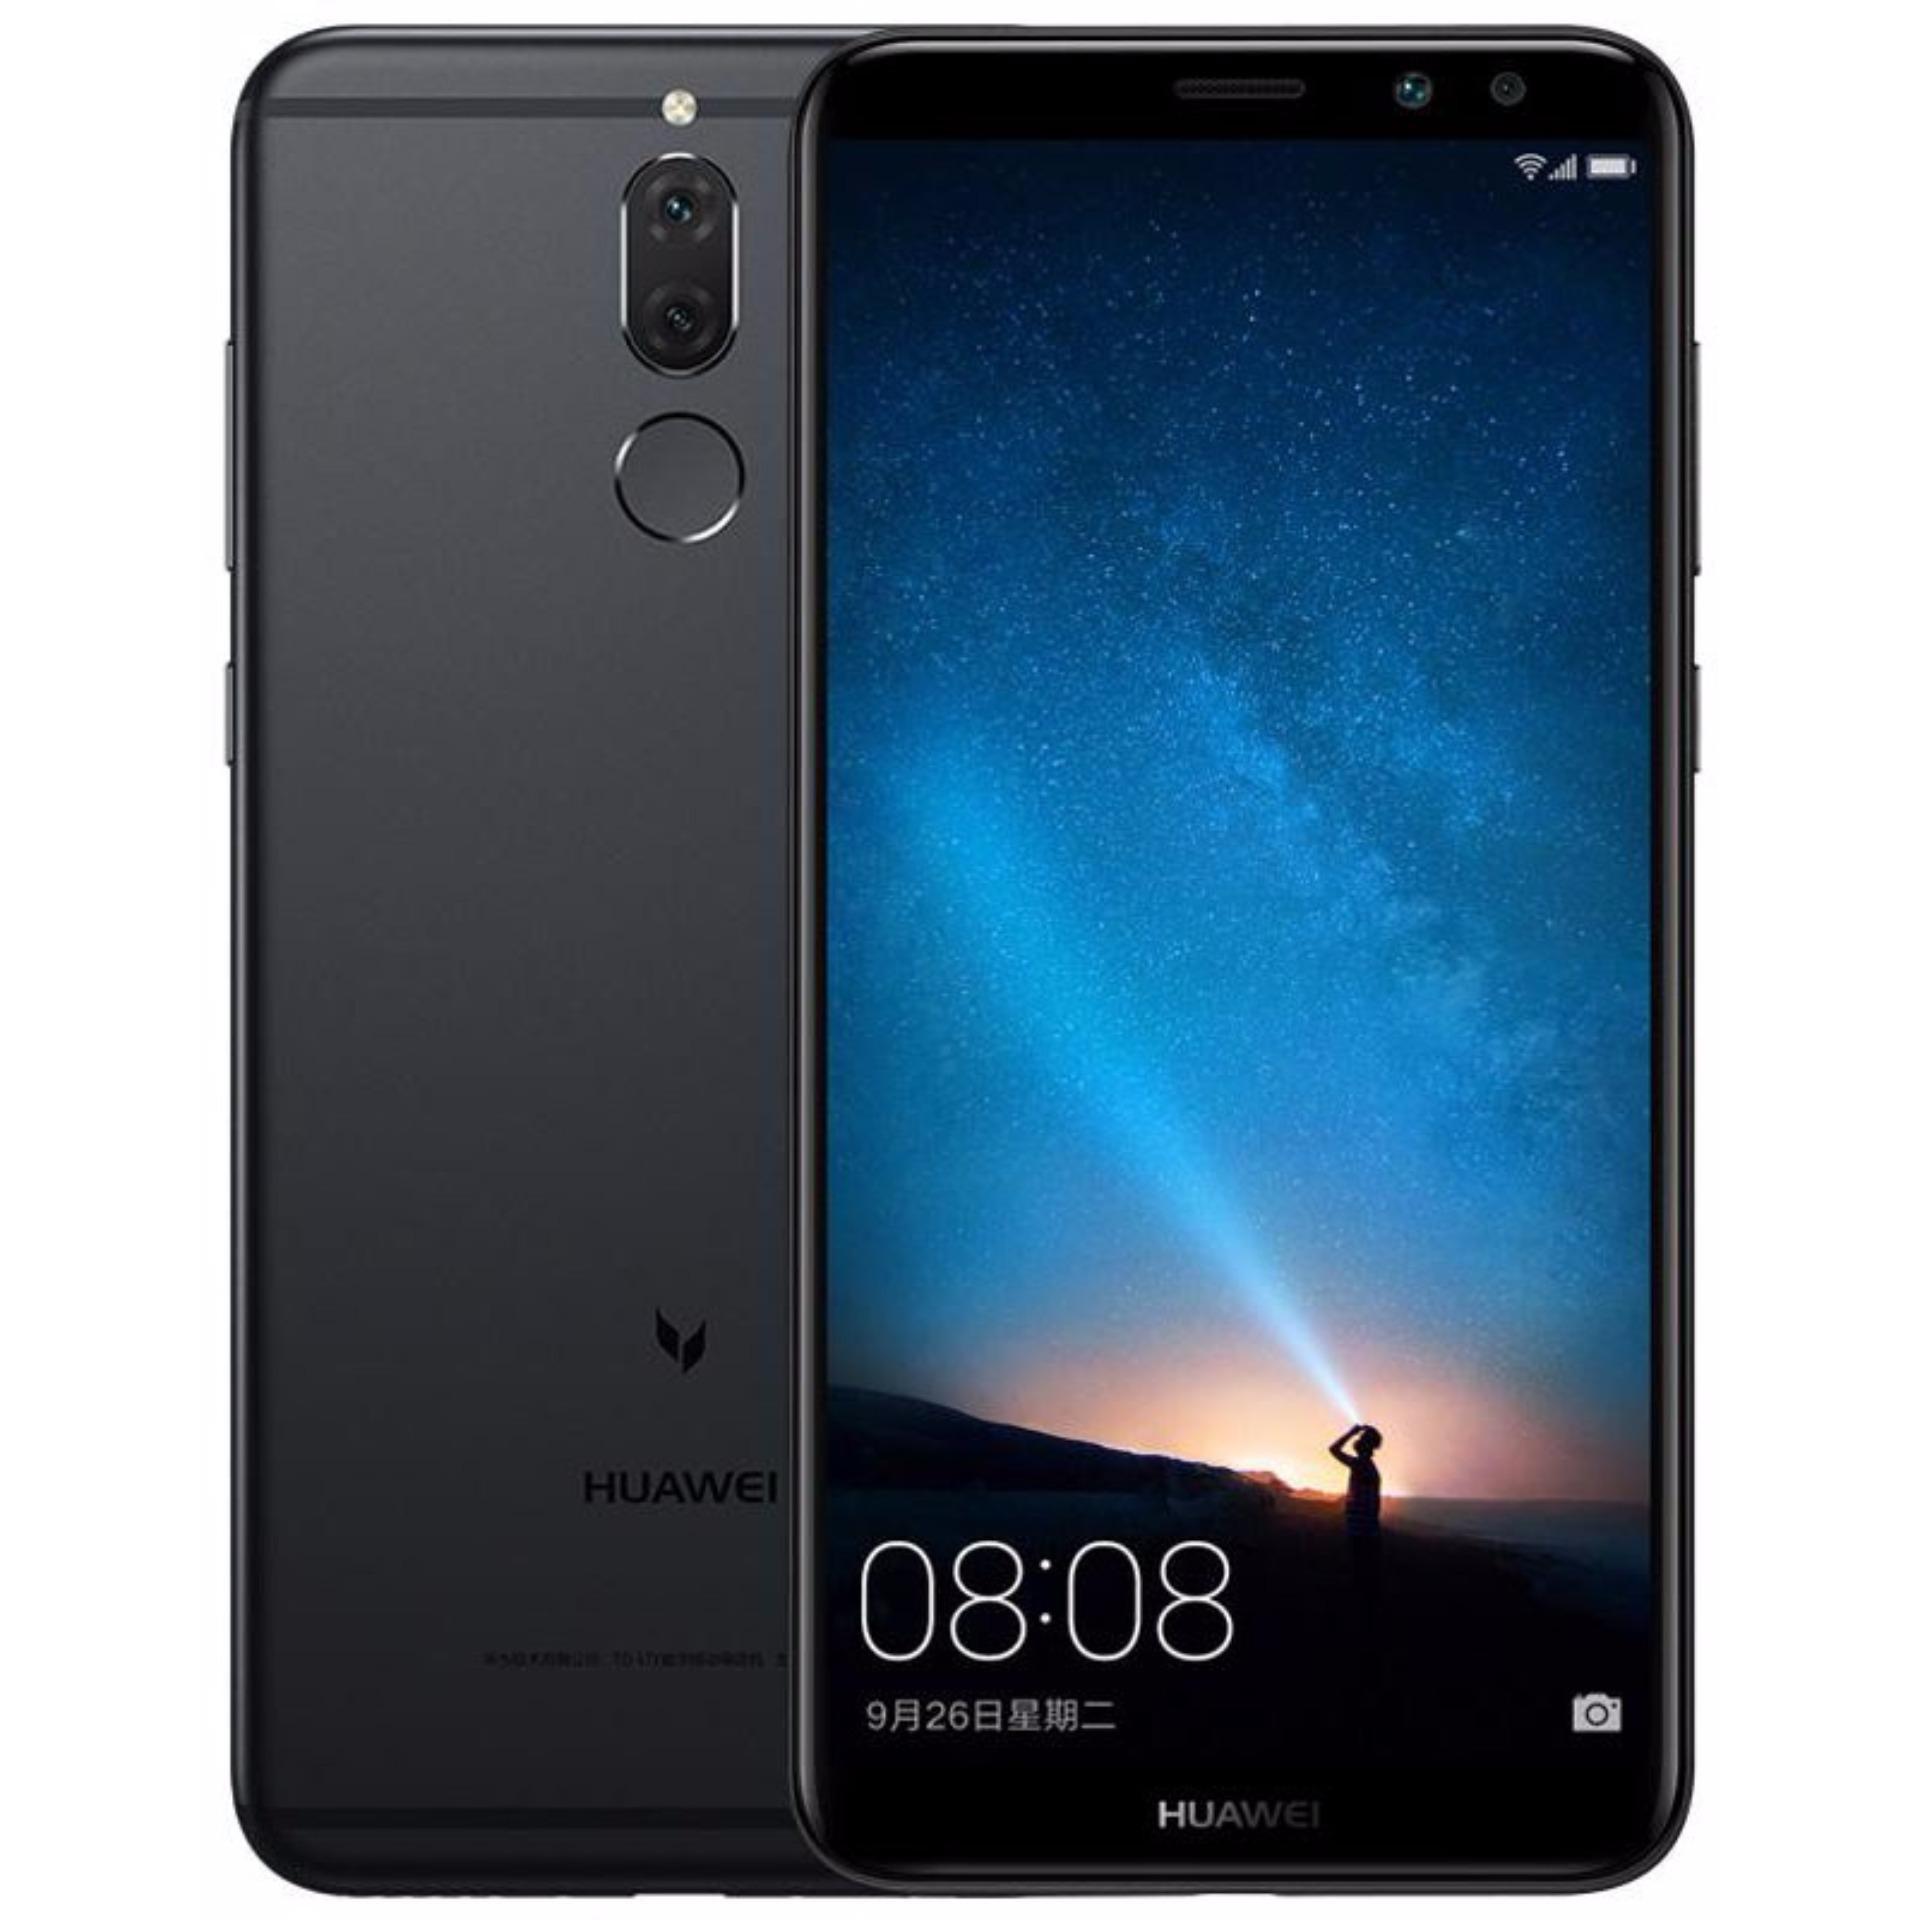 Huawei Nova 2i 4GB+64GB  Four Cameras (2MP+16MP, 13MP+2MP)